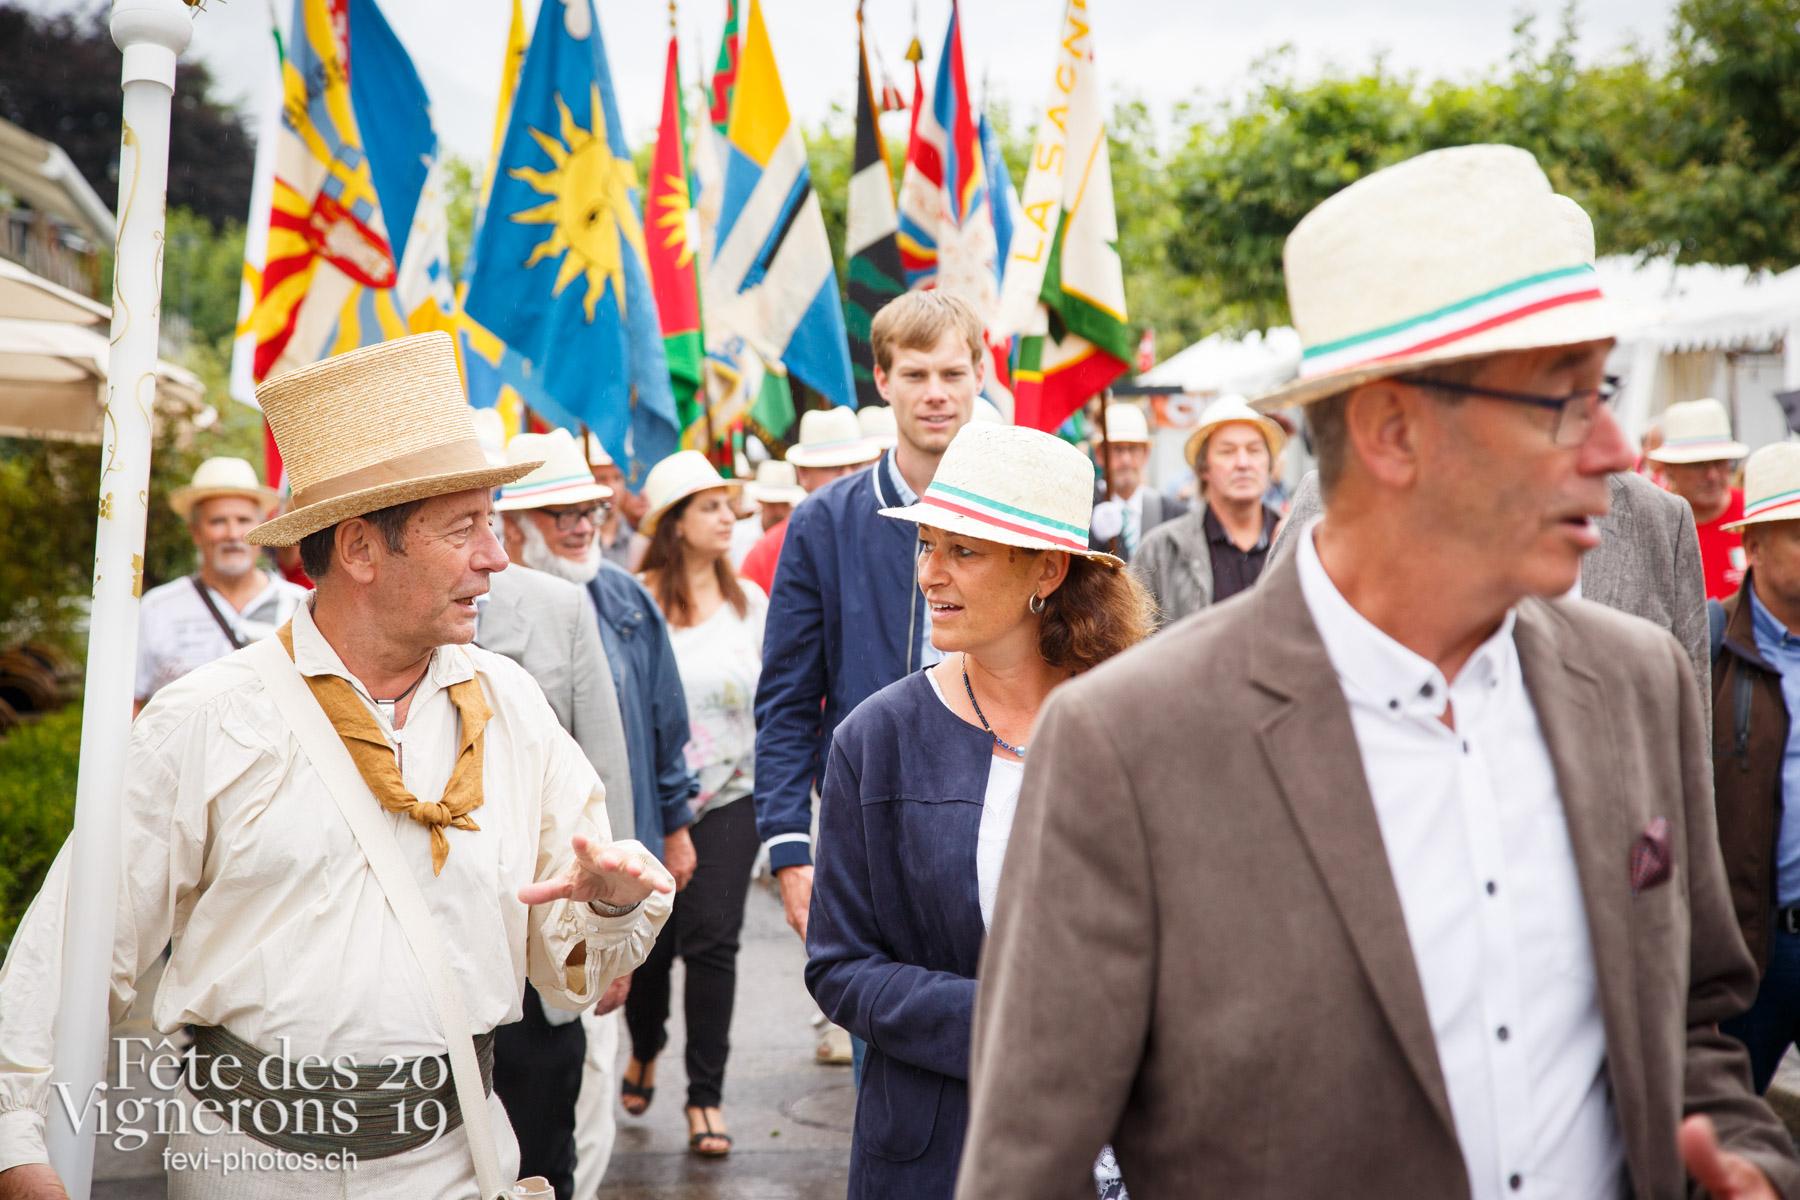 Journée cantonale, Neuchâtel - Journées cantonales, autorités, défilé, journee-cantonale-neuchatel, marmousets, neuchâtel. Photographes de la Fête des Vignerons 2019